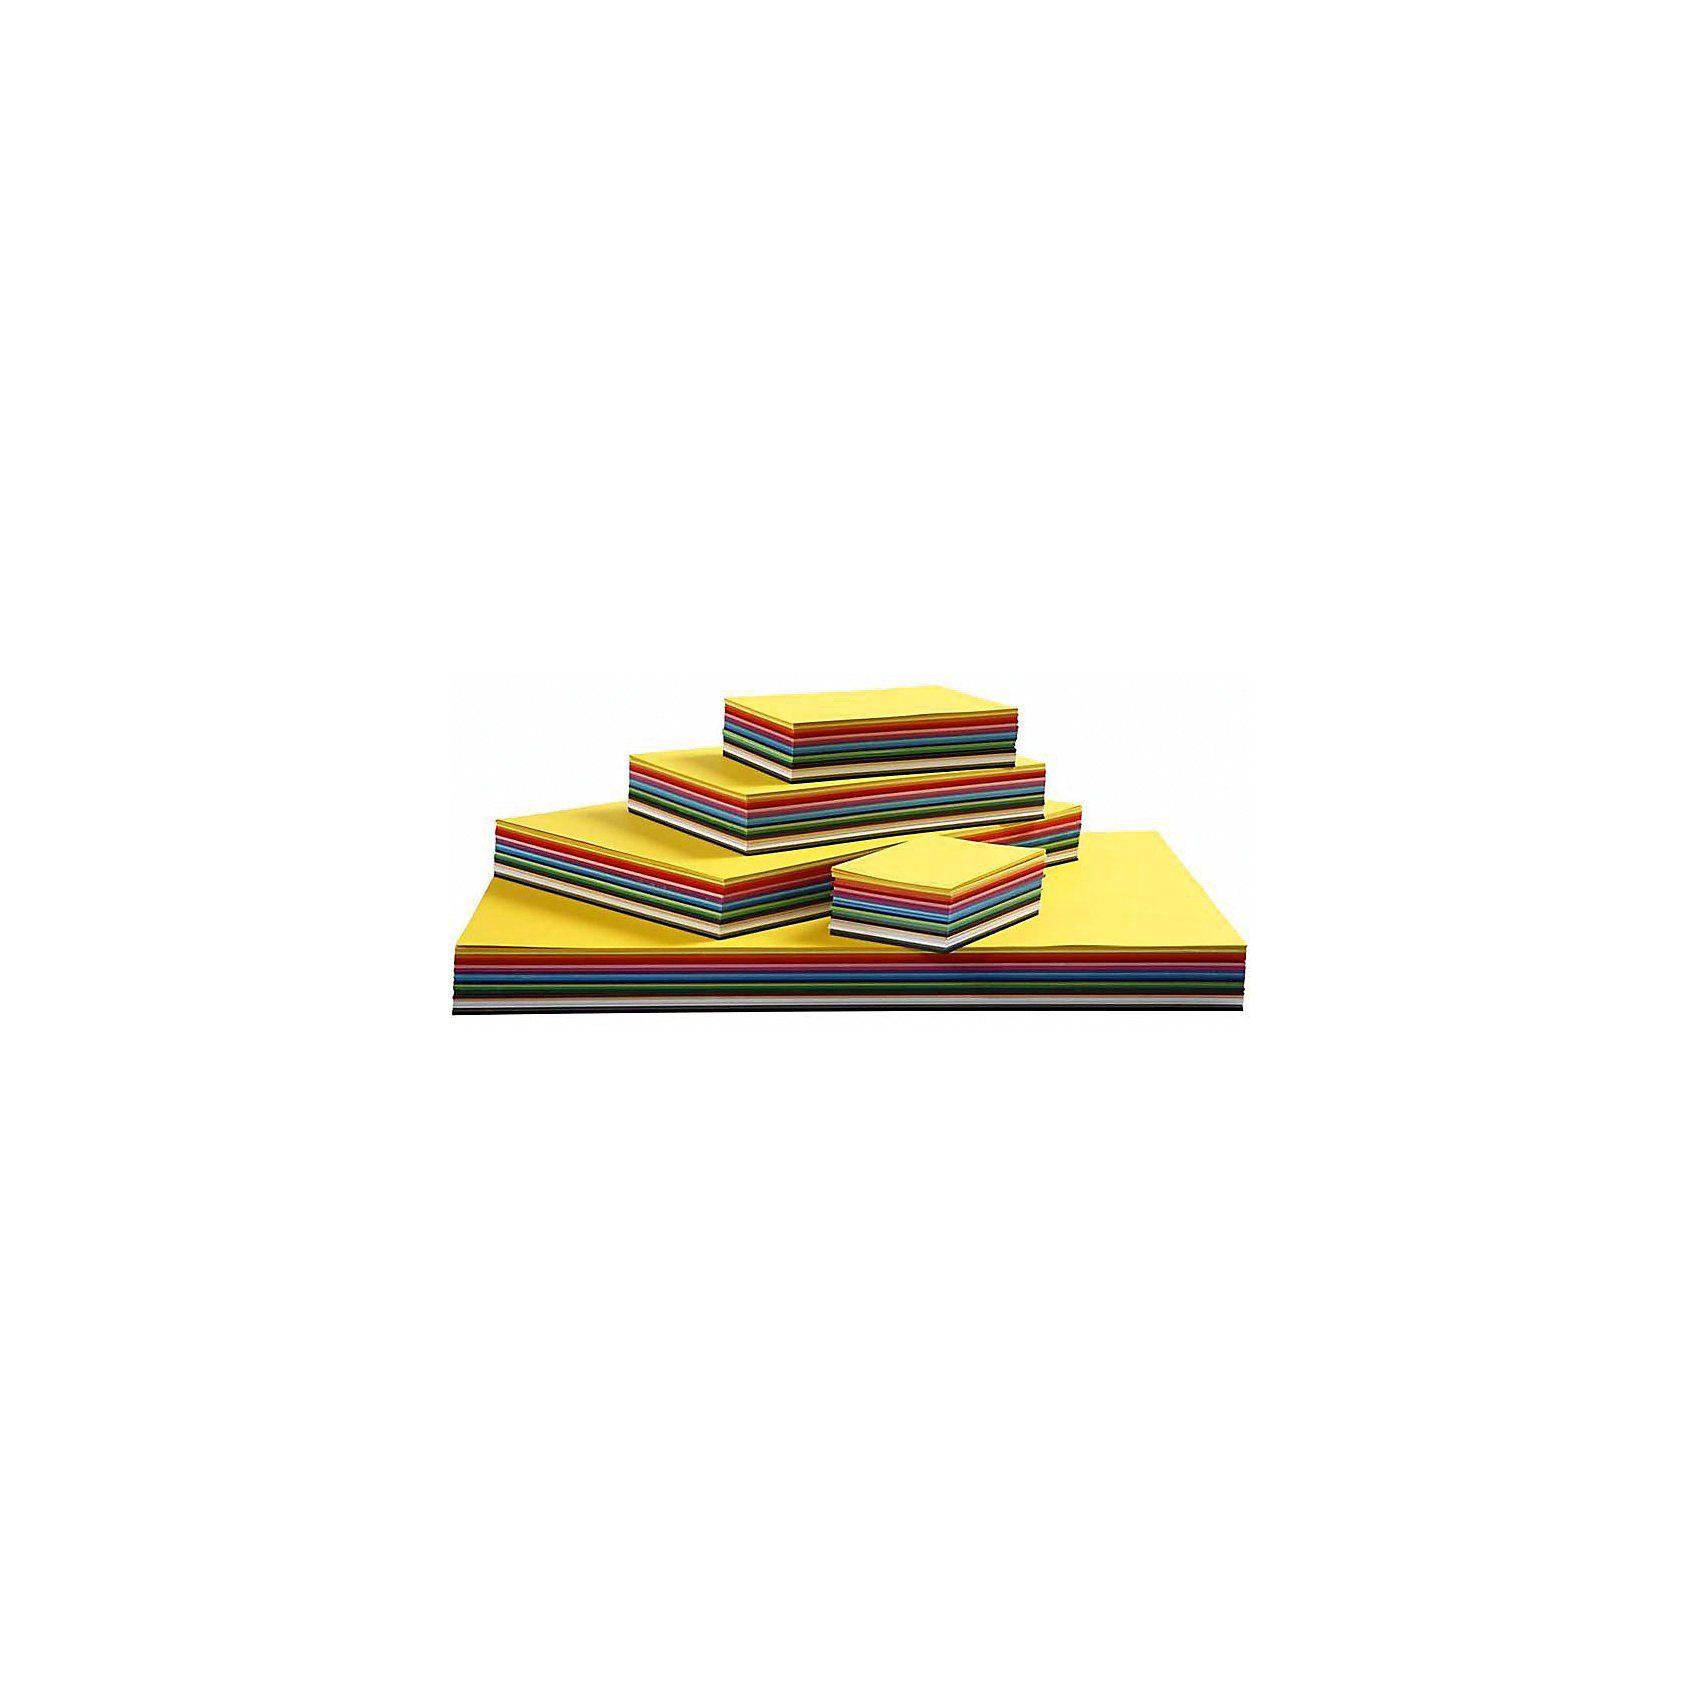 Farbkarton, A3+A4+A5+A6, 180 g, Sortierte Farben, 1500 Bla